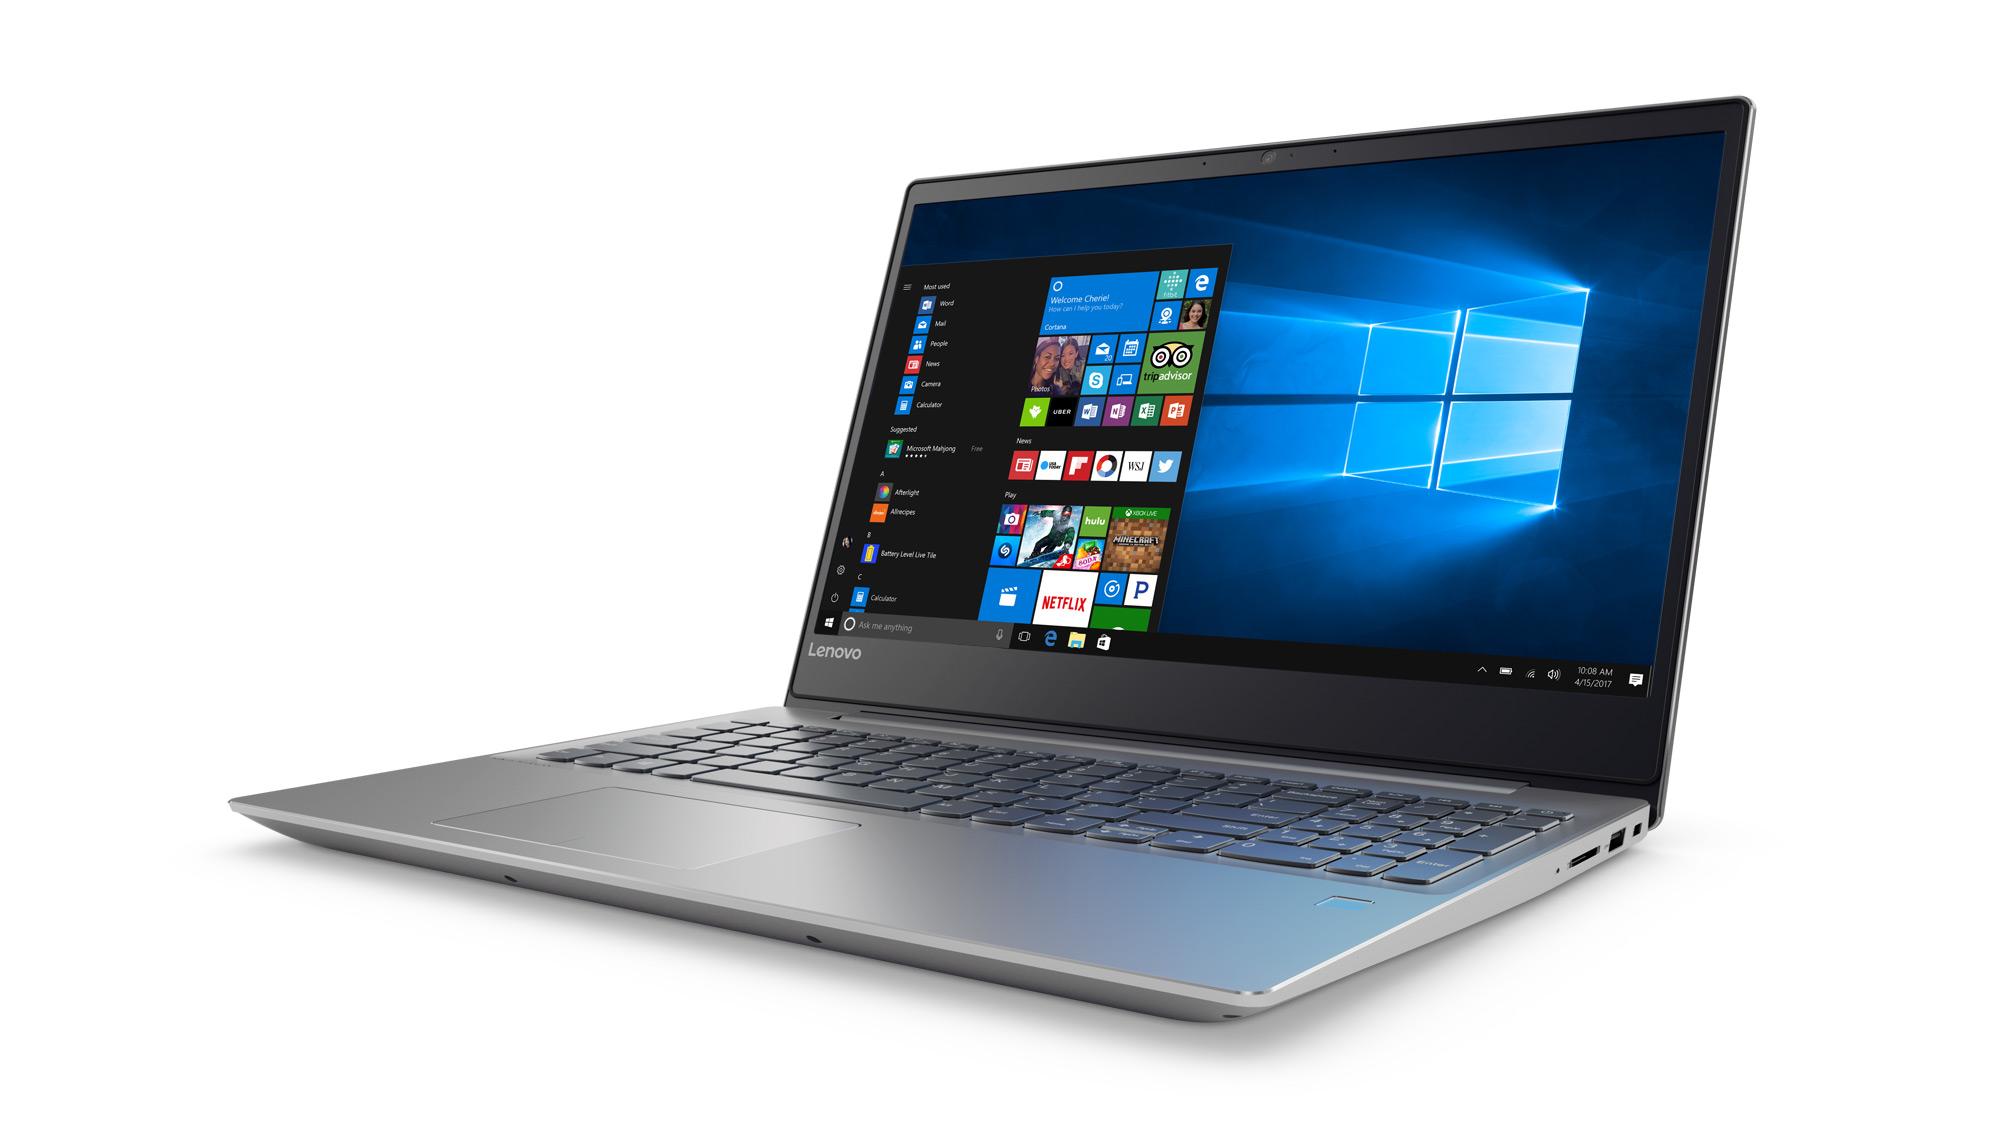 Фото  Ноутбук Lenovo ideapad 720-15IKB Mineral Grey (81AG004TRU)